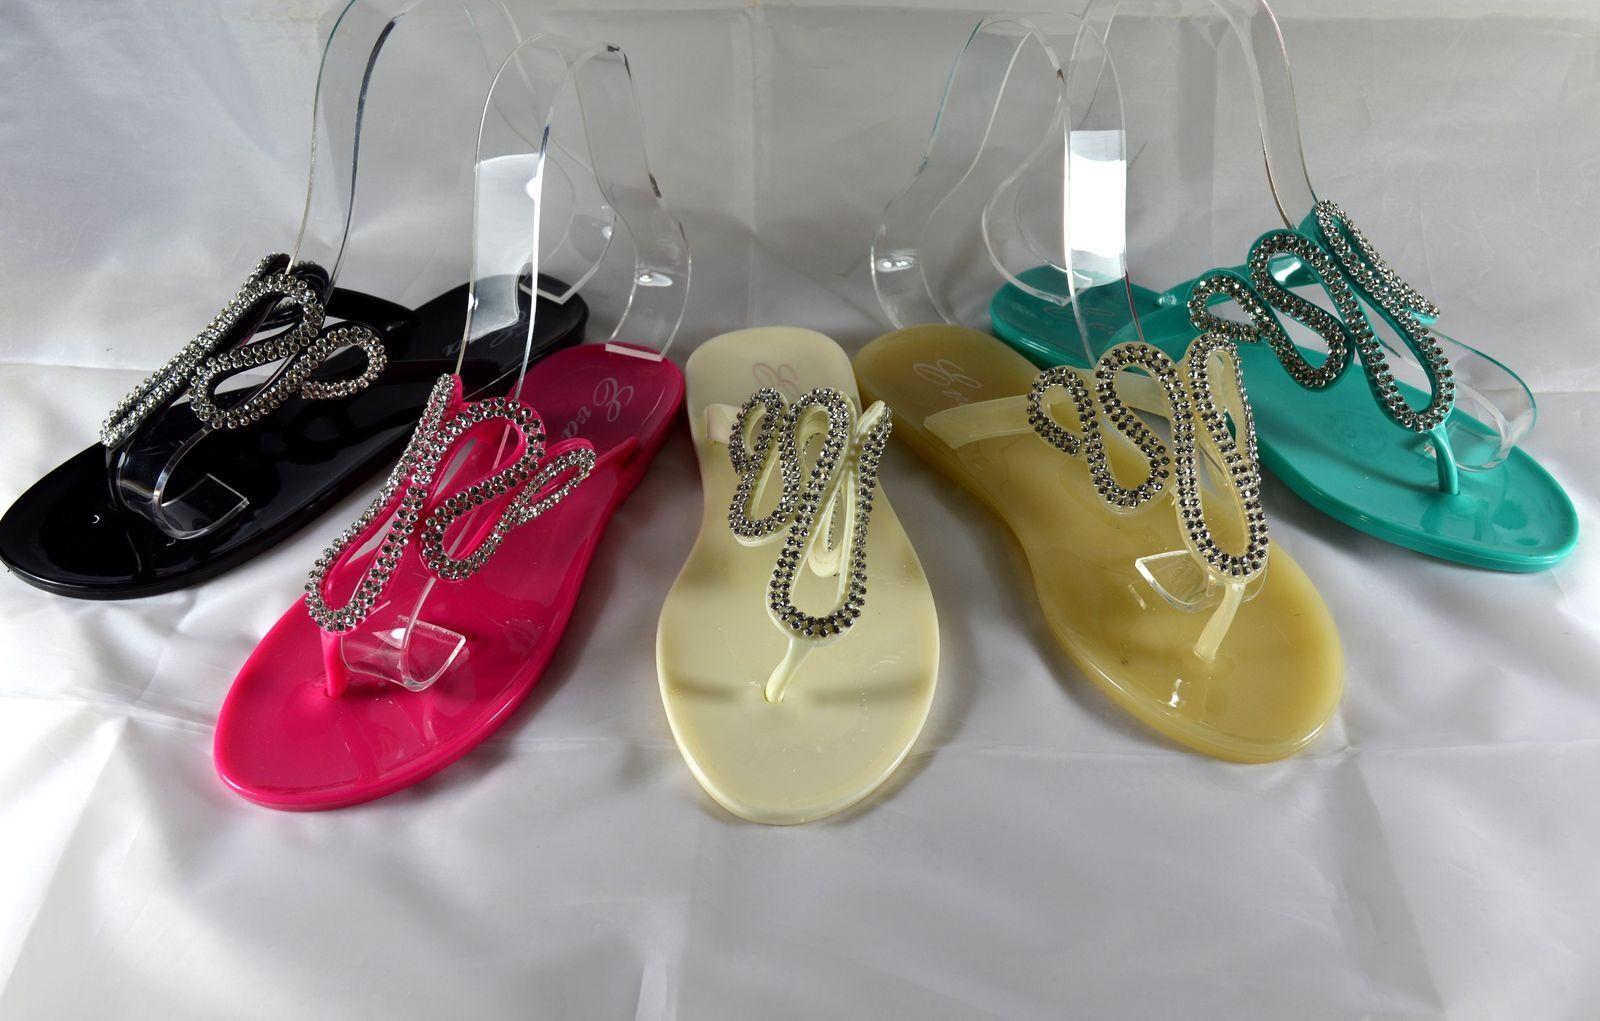 Classy Ladies Shoes Flip Flops Sandals Beach Beach Shoes Size gr.36-41 Beach Sandals A.168 e4c2e8